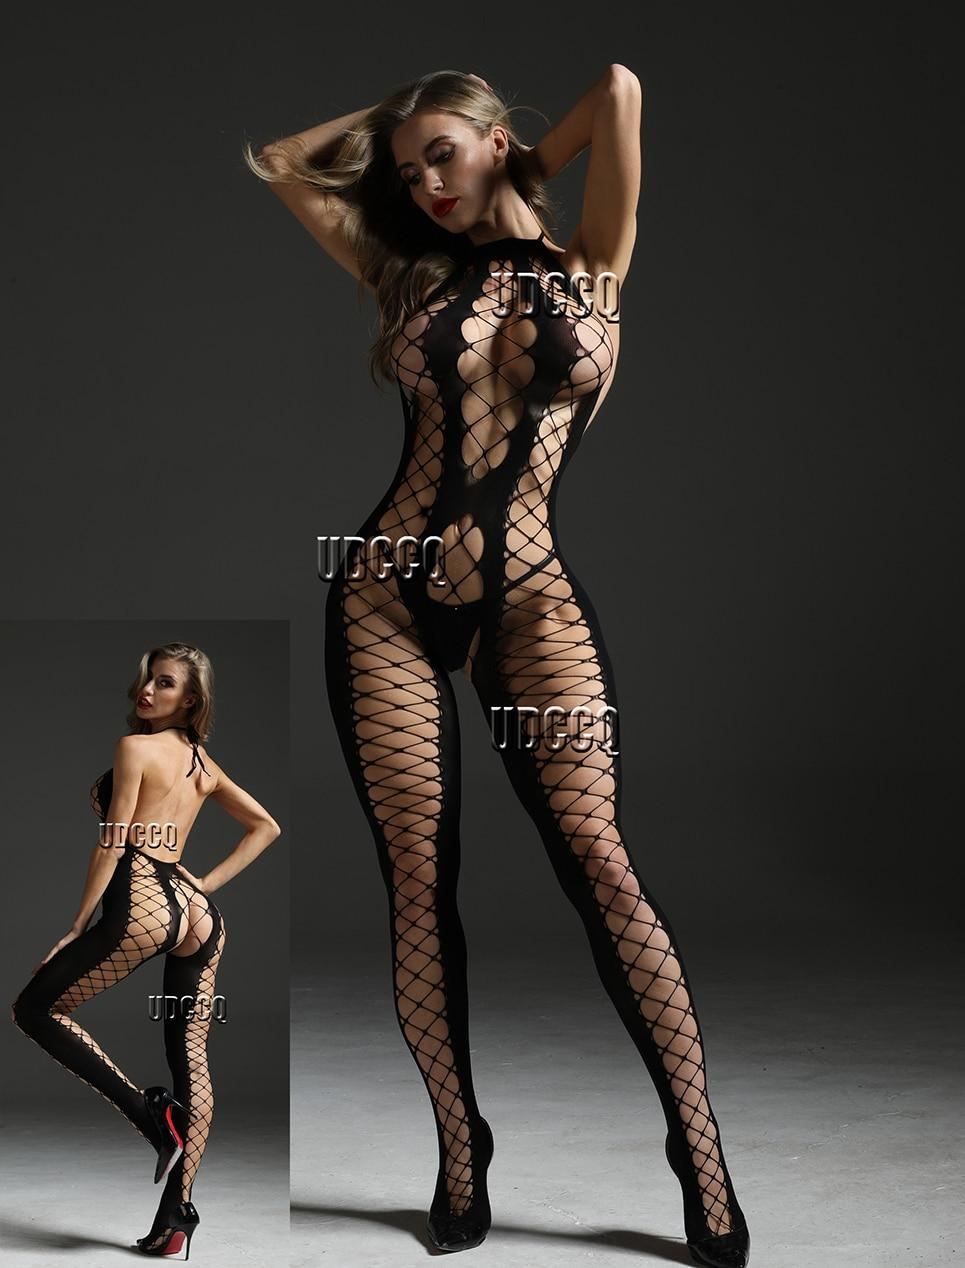 Сексуальные ажурные нижнее белье размера плюс Ночная сорочка, нижнее белье, ночное белье, сорочки Боди подвязки, сексуальное нижнее белье д...